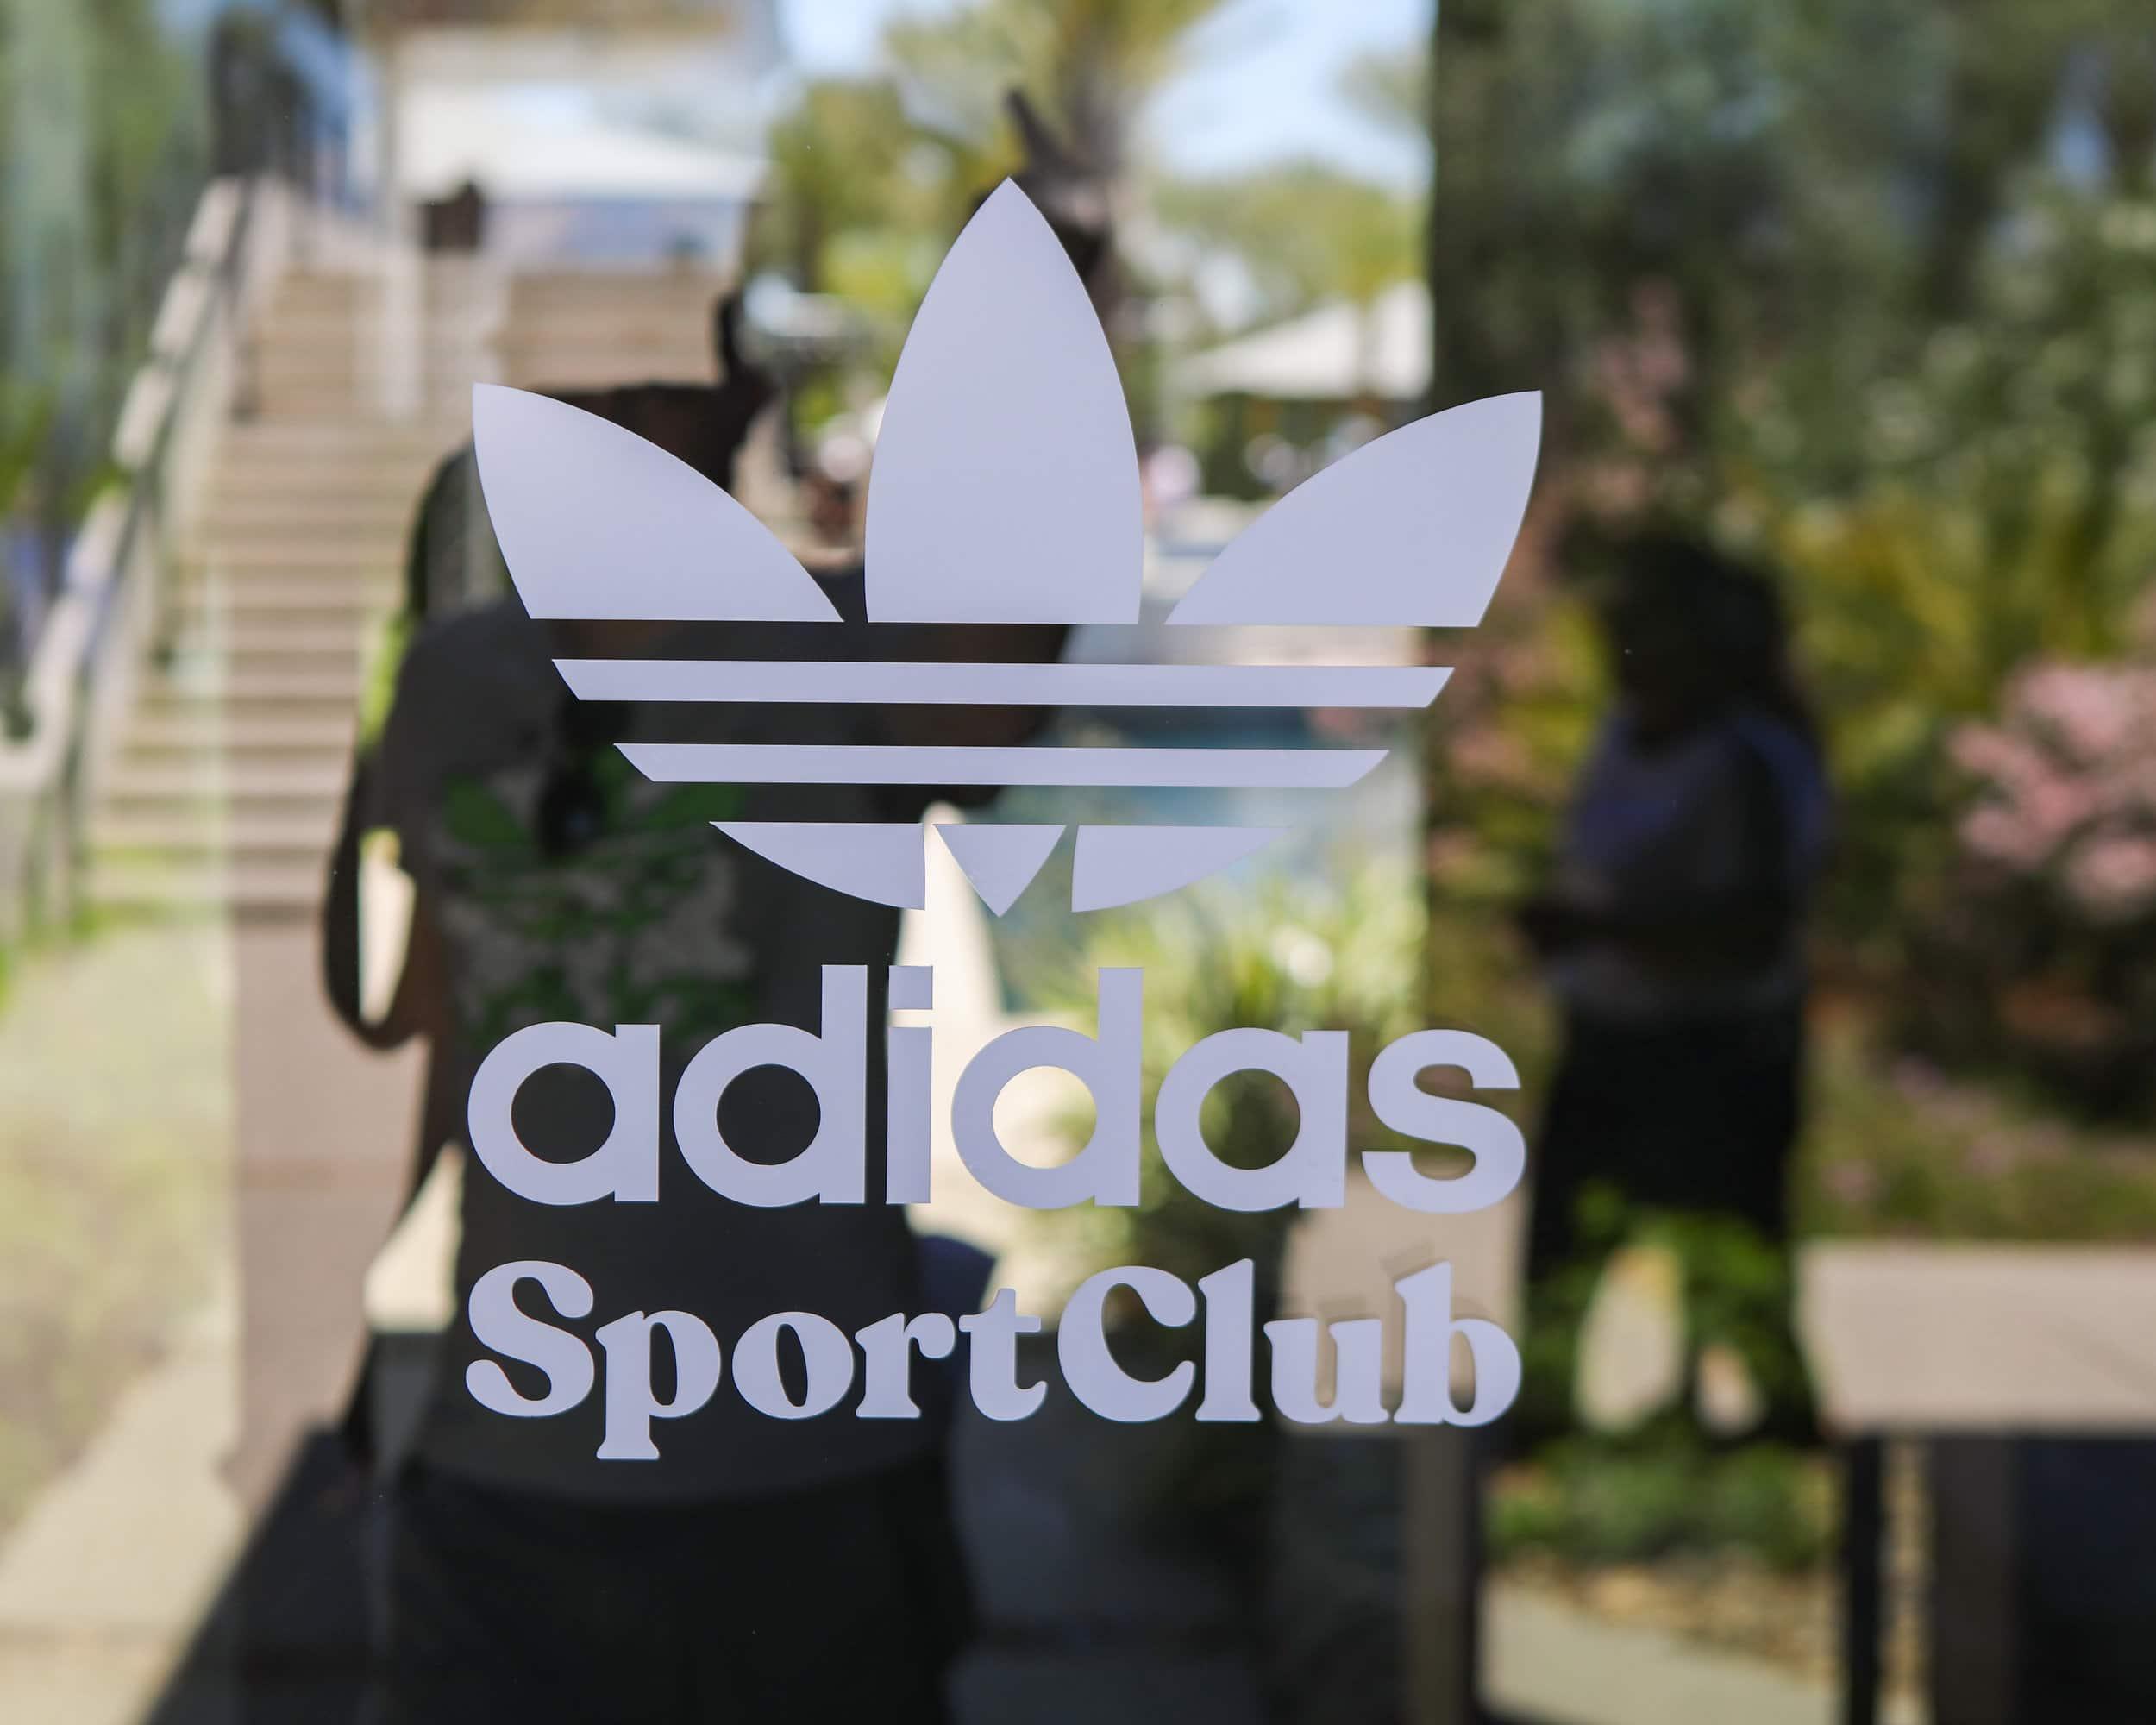 Adidas Originals Draws Thousands To Sport Club